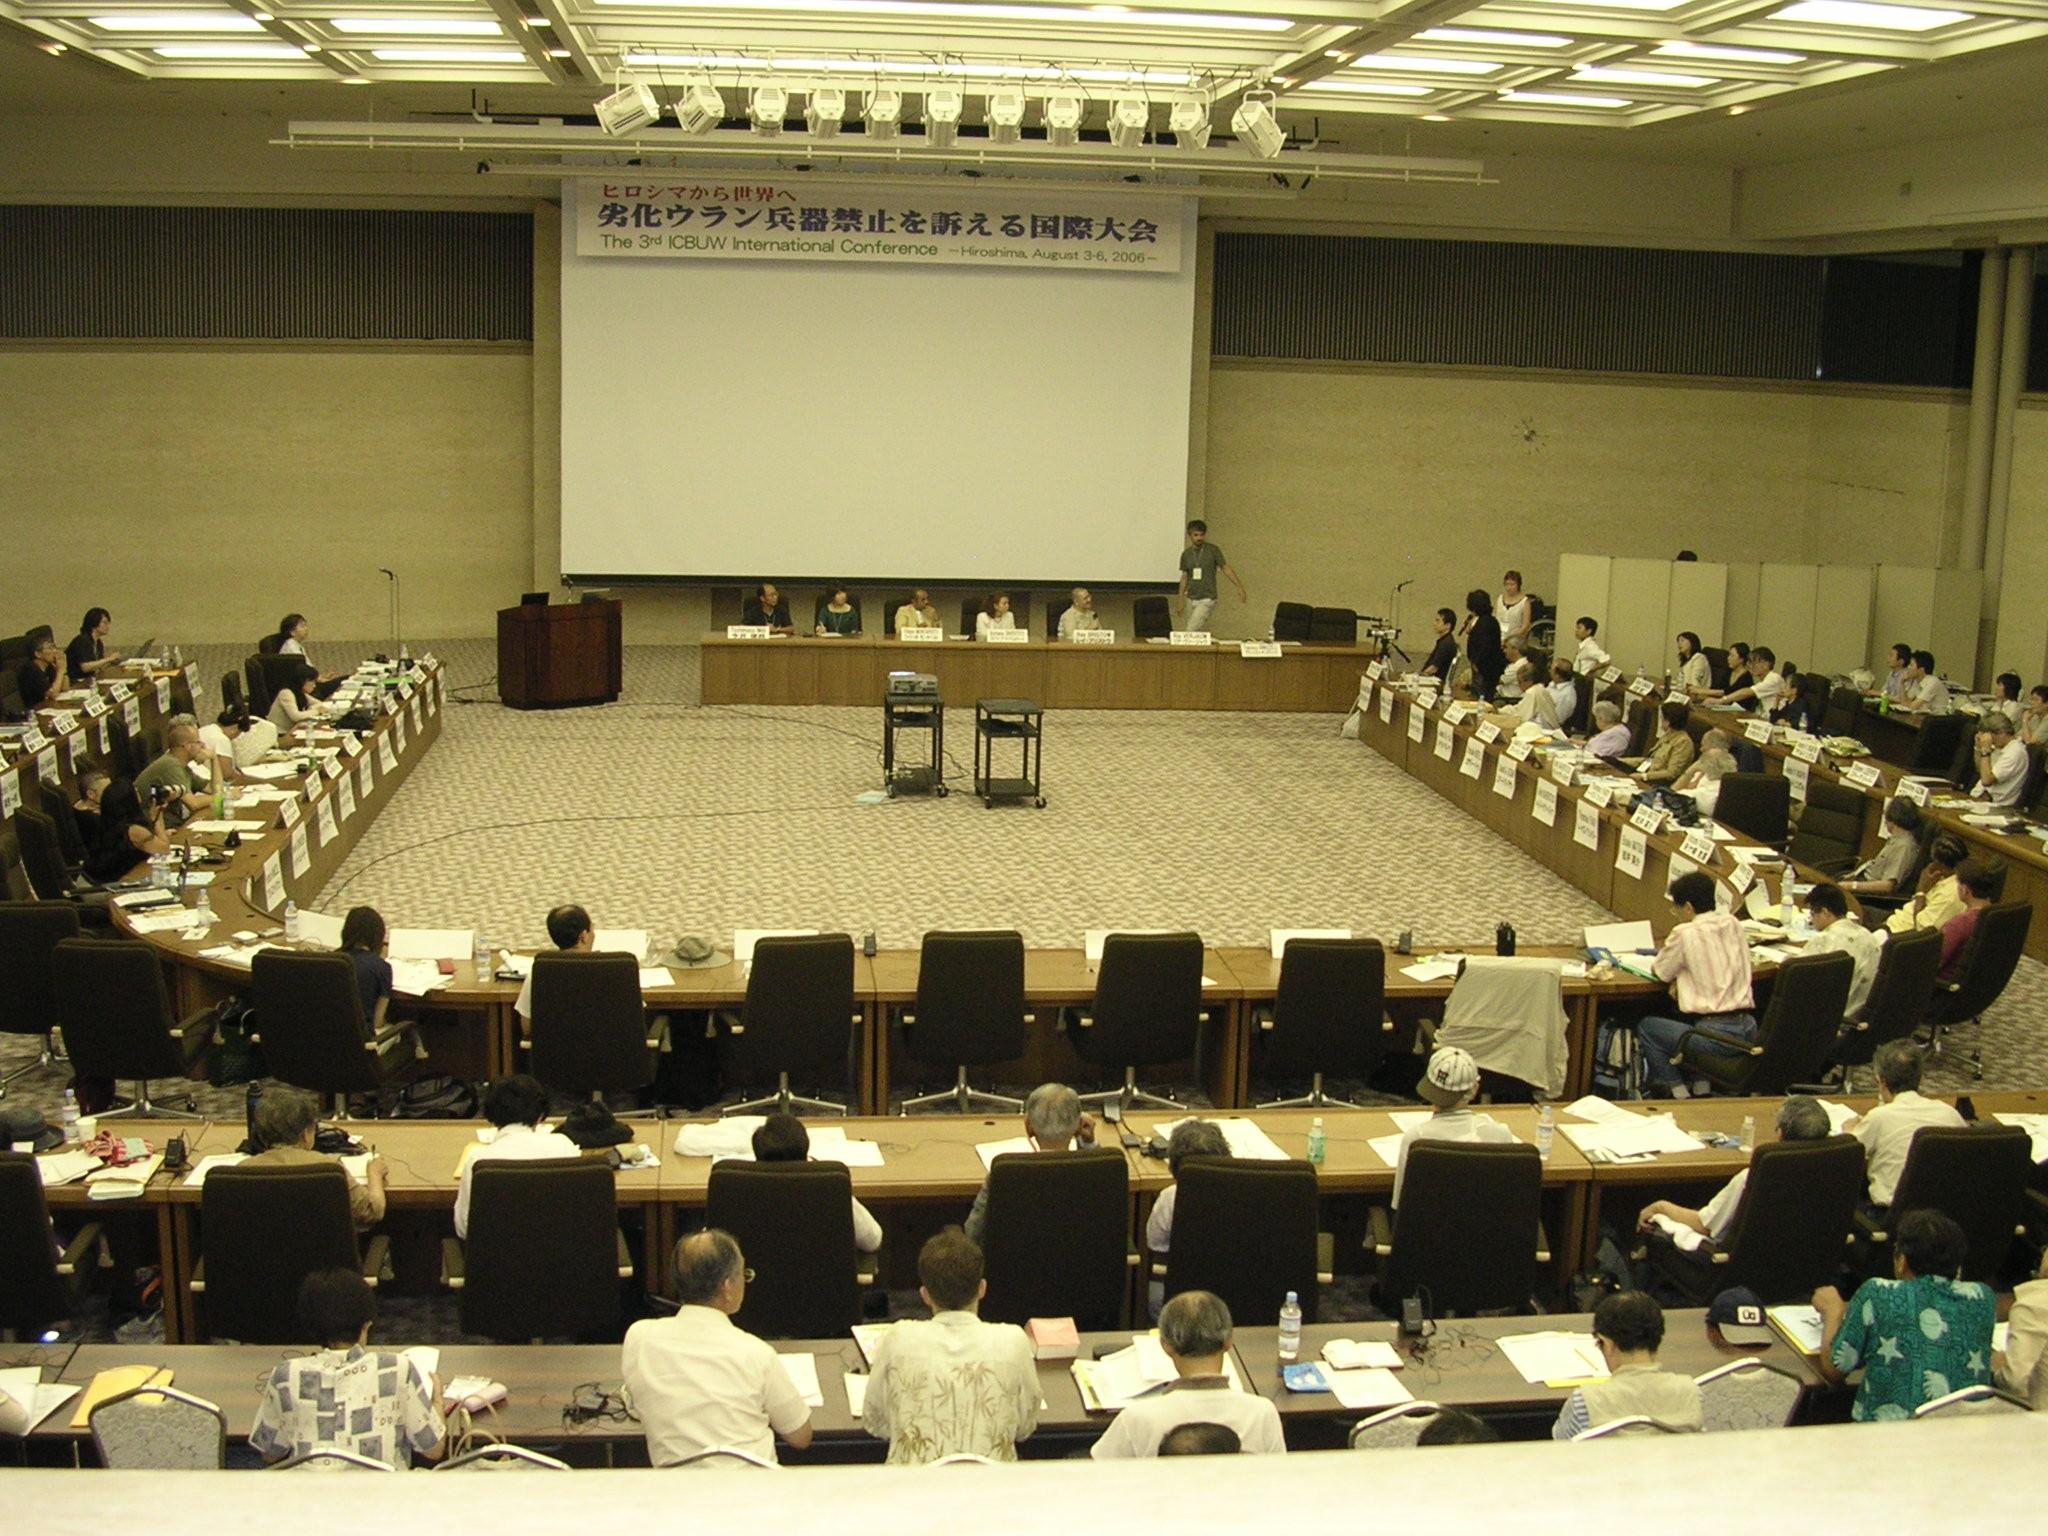 prima giornata dell'assemblea della Terza conferenza internazionale ICBUW, 4 agosto 2006 a Hiroshima